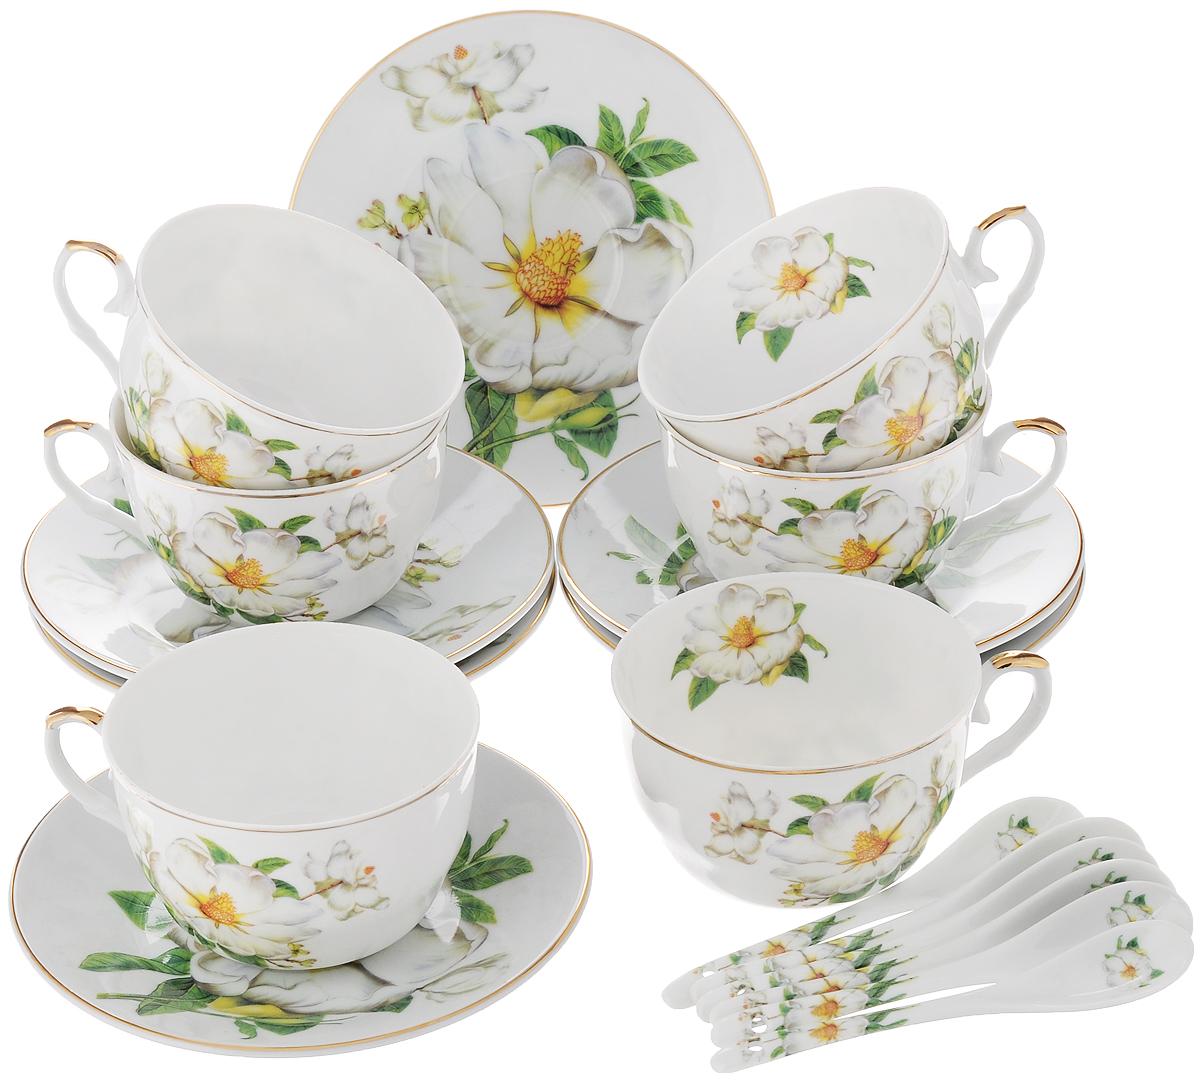 Набор чайный Elan Gallery Белый шиповник, с ложками, 18 предметов180685Чайный набор Elan Gallery Белый шиповник состоит из 6 чашек, 6 блюдец и 6 ложек. Изделия, выполненные из высококачественной керамики, имеют элегантный дизайн и классическую круглую форму. Такой набор прекрасно подойдет как для повседневного использования, так и для праздников. Чайный набор Elan Gallery Белый шиповник - это не только яркий и полезный подарок для родных и близких, это также великолепное дизайнерское решение для вашей кухни или столовой. Не использовать в микроволновой печи. Объем чашки: 250 мл. Диаметр чашки (по верхнему краю): 10 см. Высота чашки: 6 см. Диаметр блюдца (по верхнему краю): 15 см. Высота блюдца: 2 см. Длина ложки: 12,5 см.